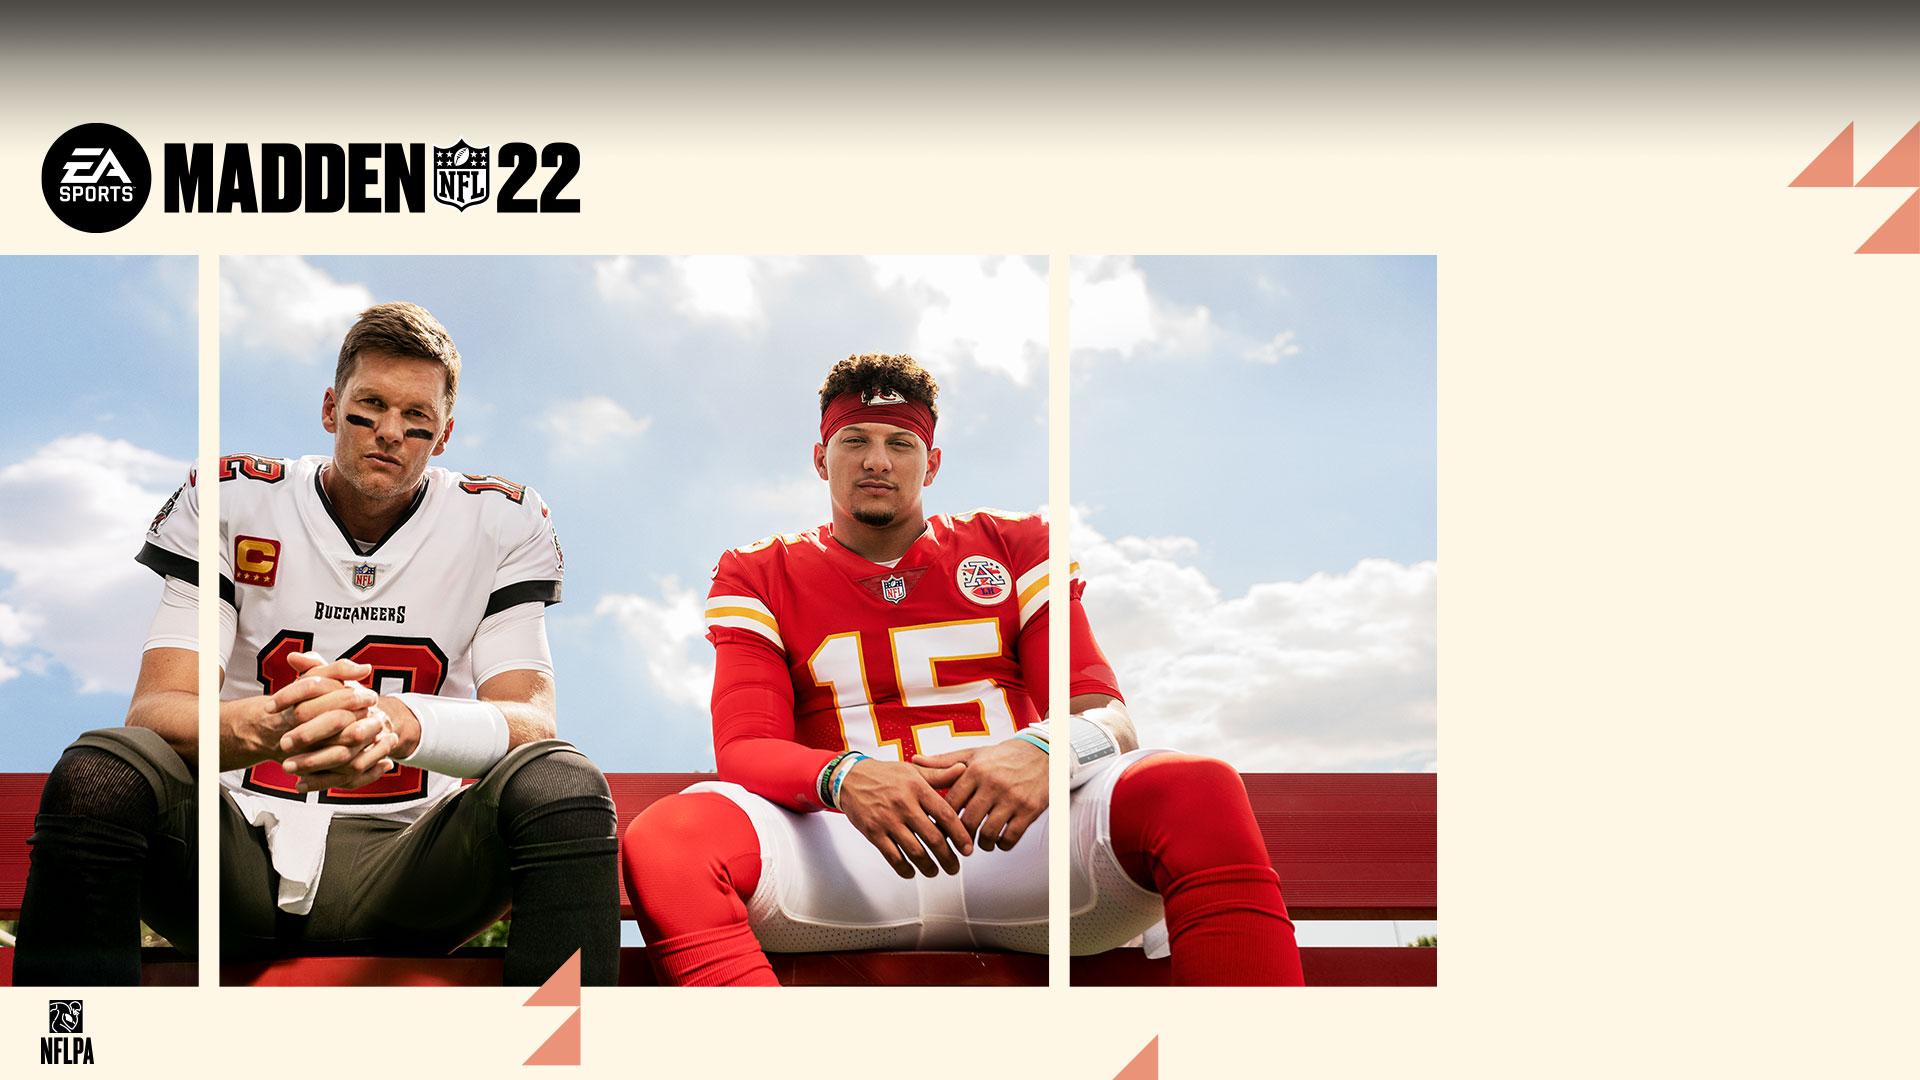 Tom Brady en Patrick Mahomes zitten naast elkaar op een bank, NFLPA, EA Sports, Madden NFL 22